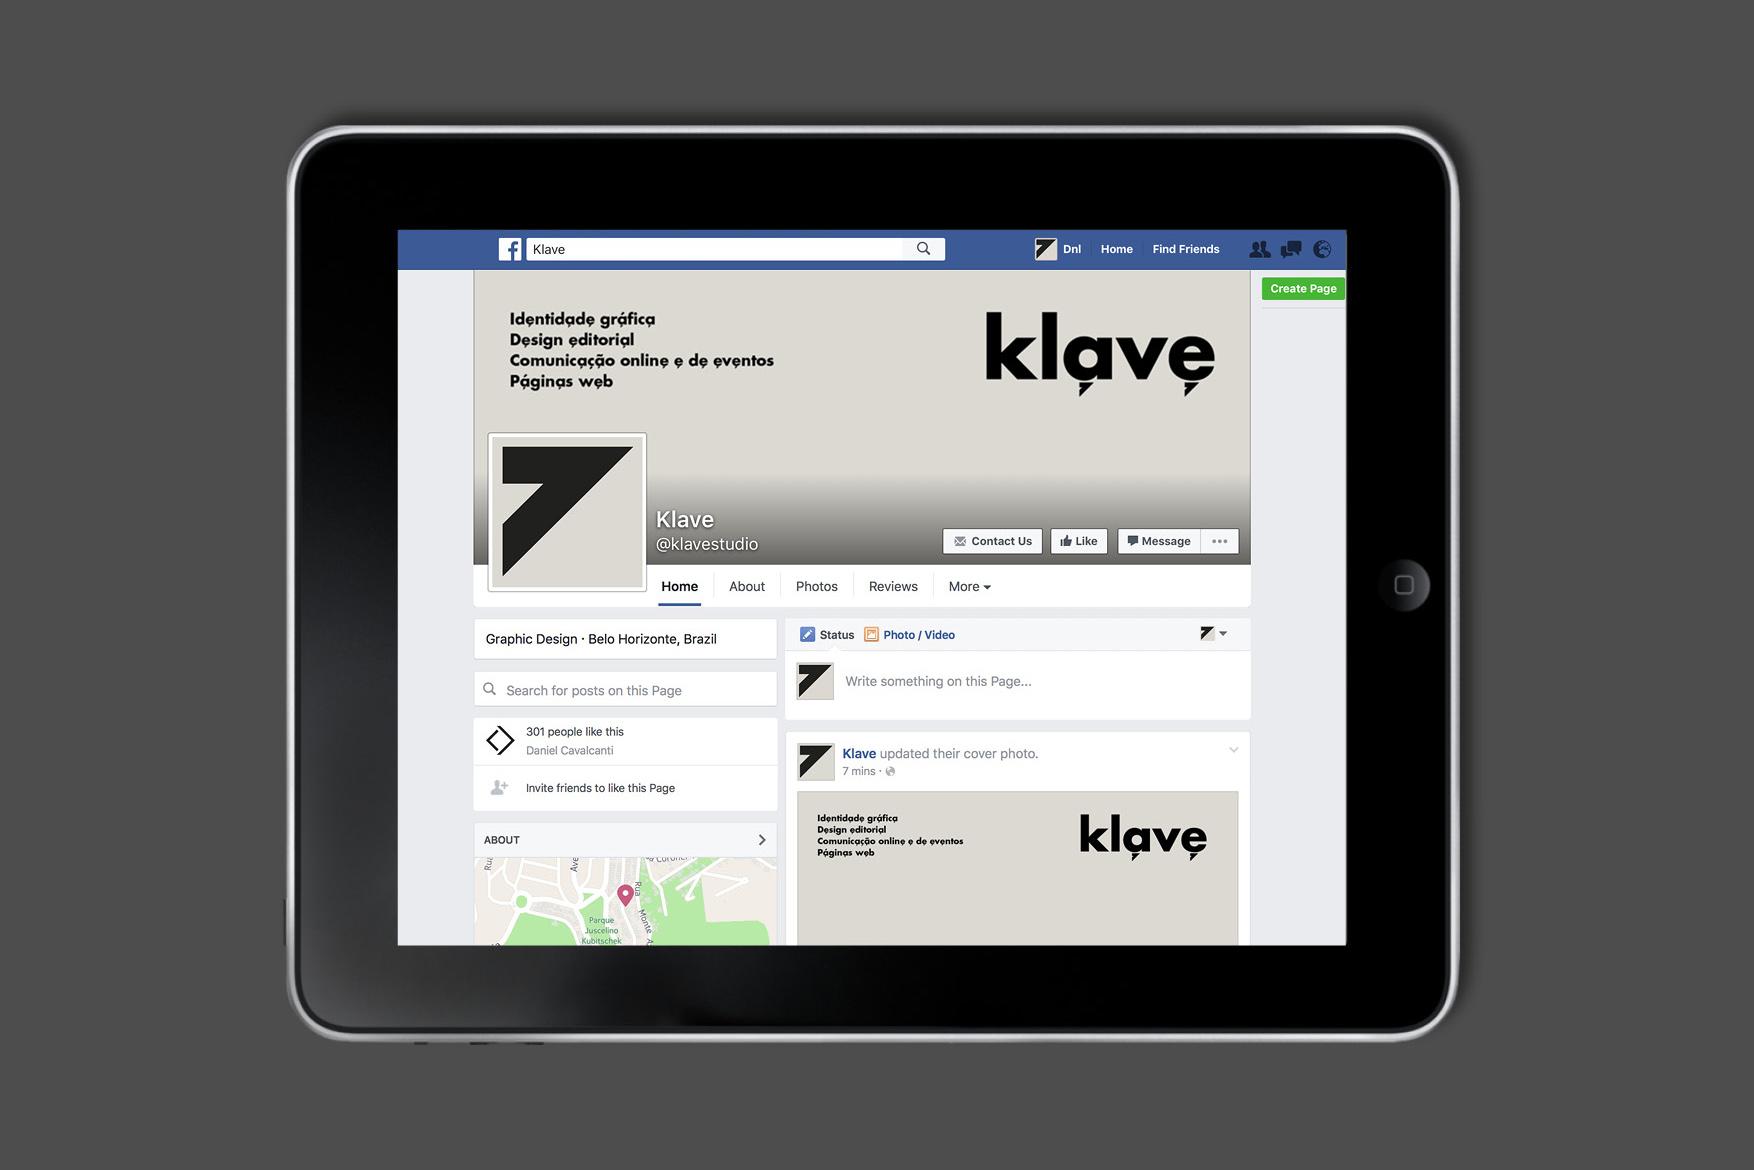 Klave-Facebook-Daniel-Cavalcanti